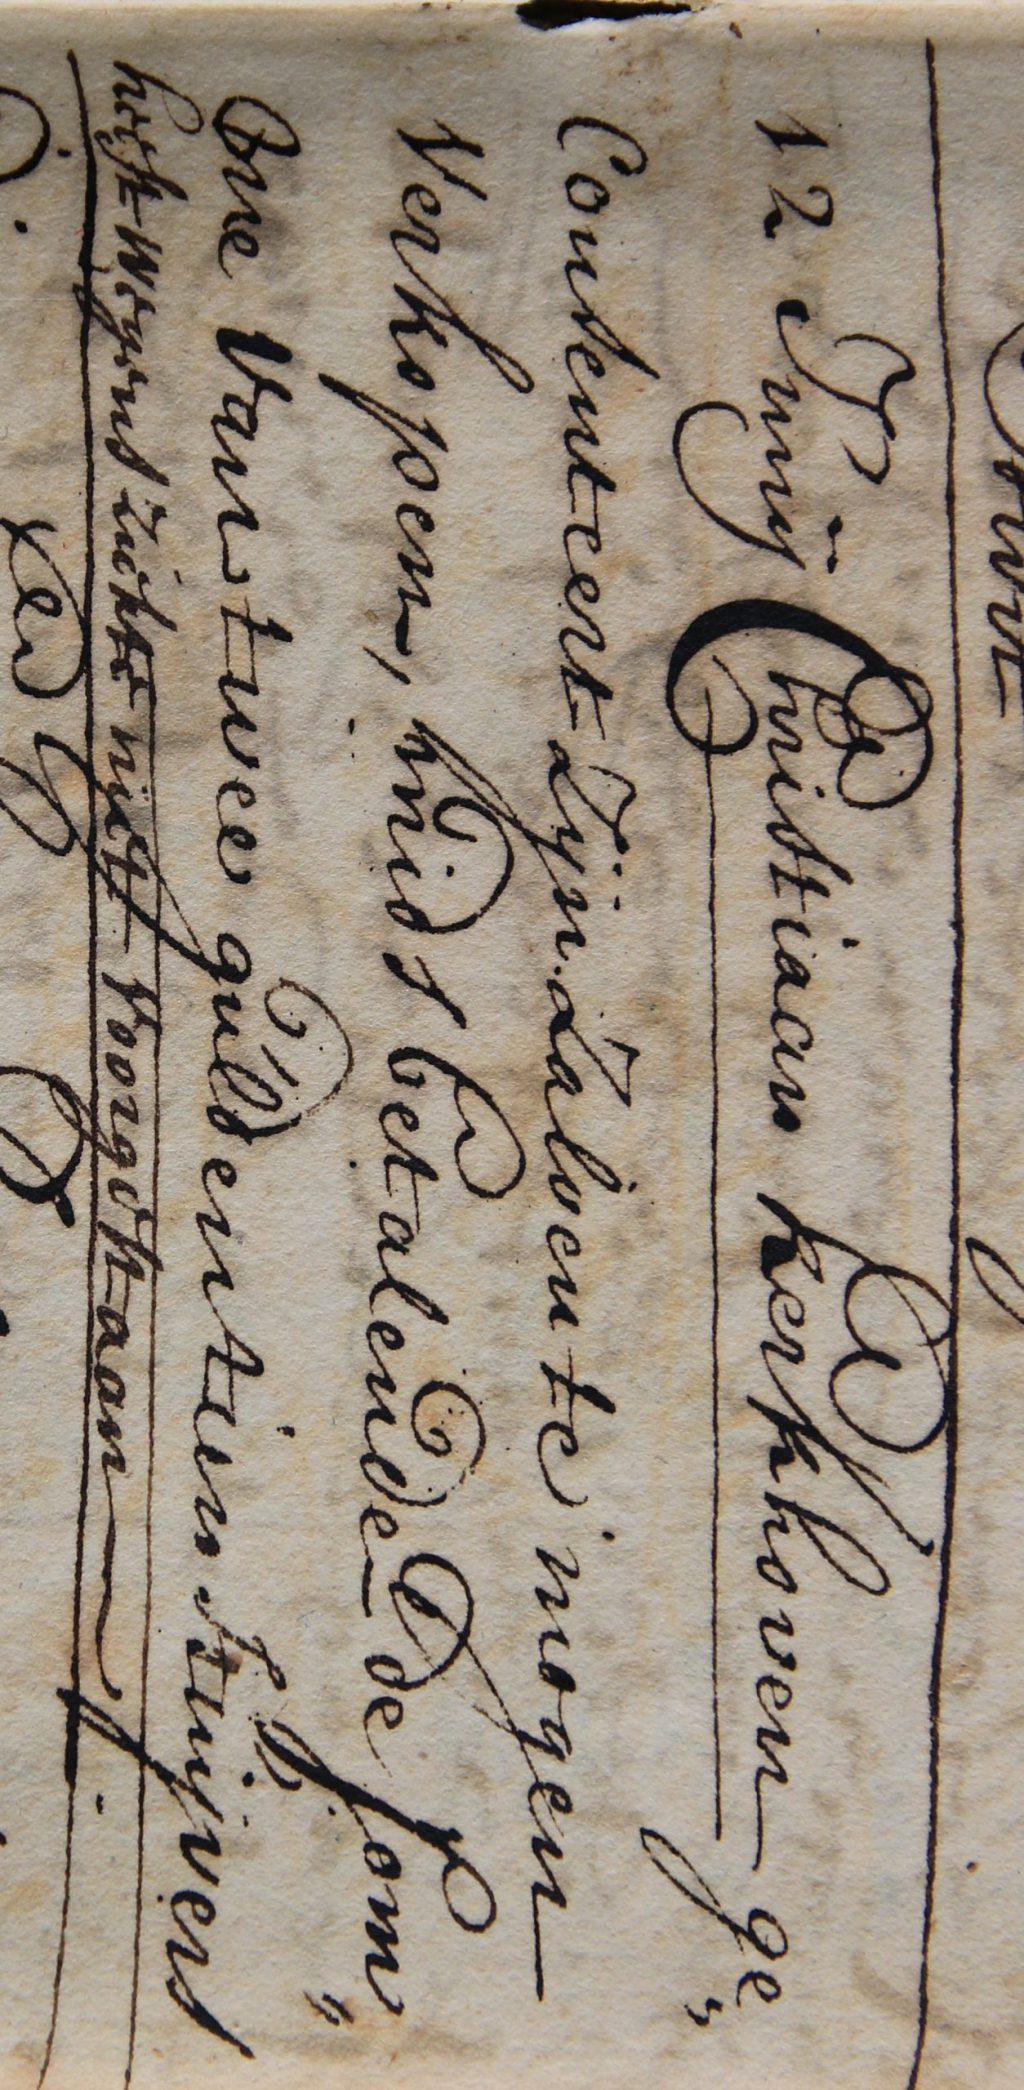 Register van vergunningen voor activiteiten op de kermissen te Delft en Delfshaven, 1722-1808 (Archief 1, inv.nr 4255)